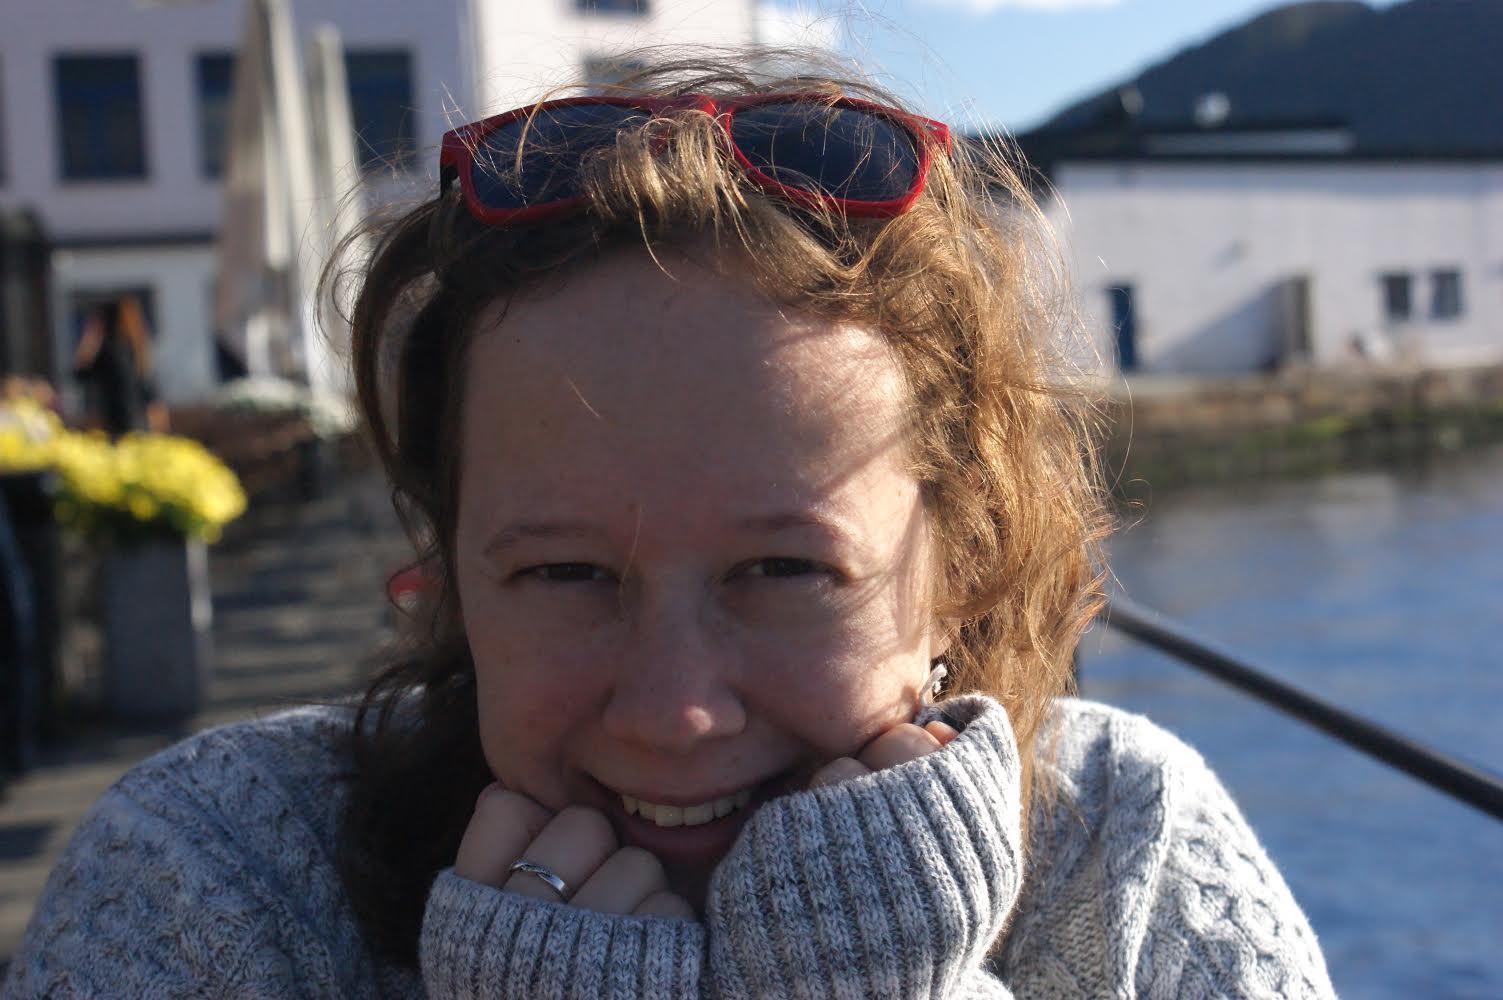 Julie Blommaert